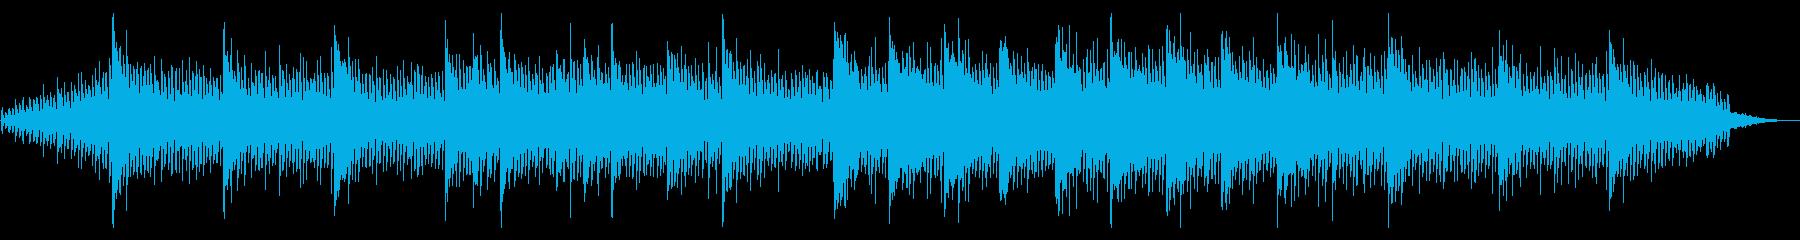 透明感癒しヒーリングアンビエントの再生済みの波形